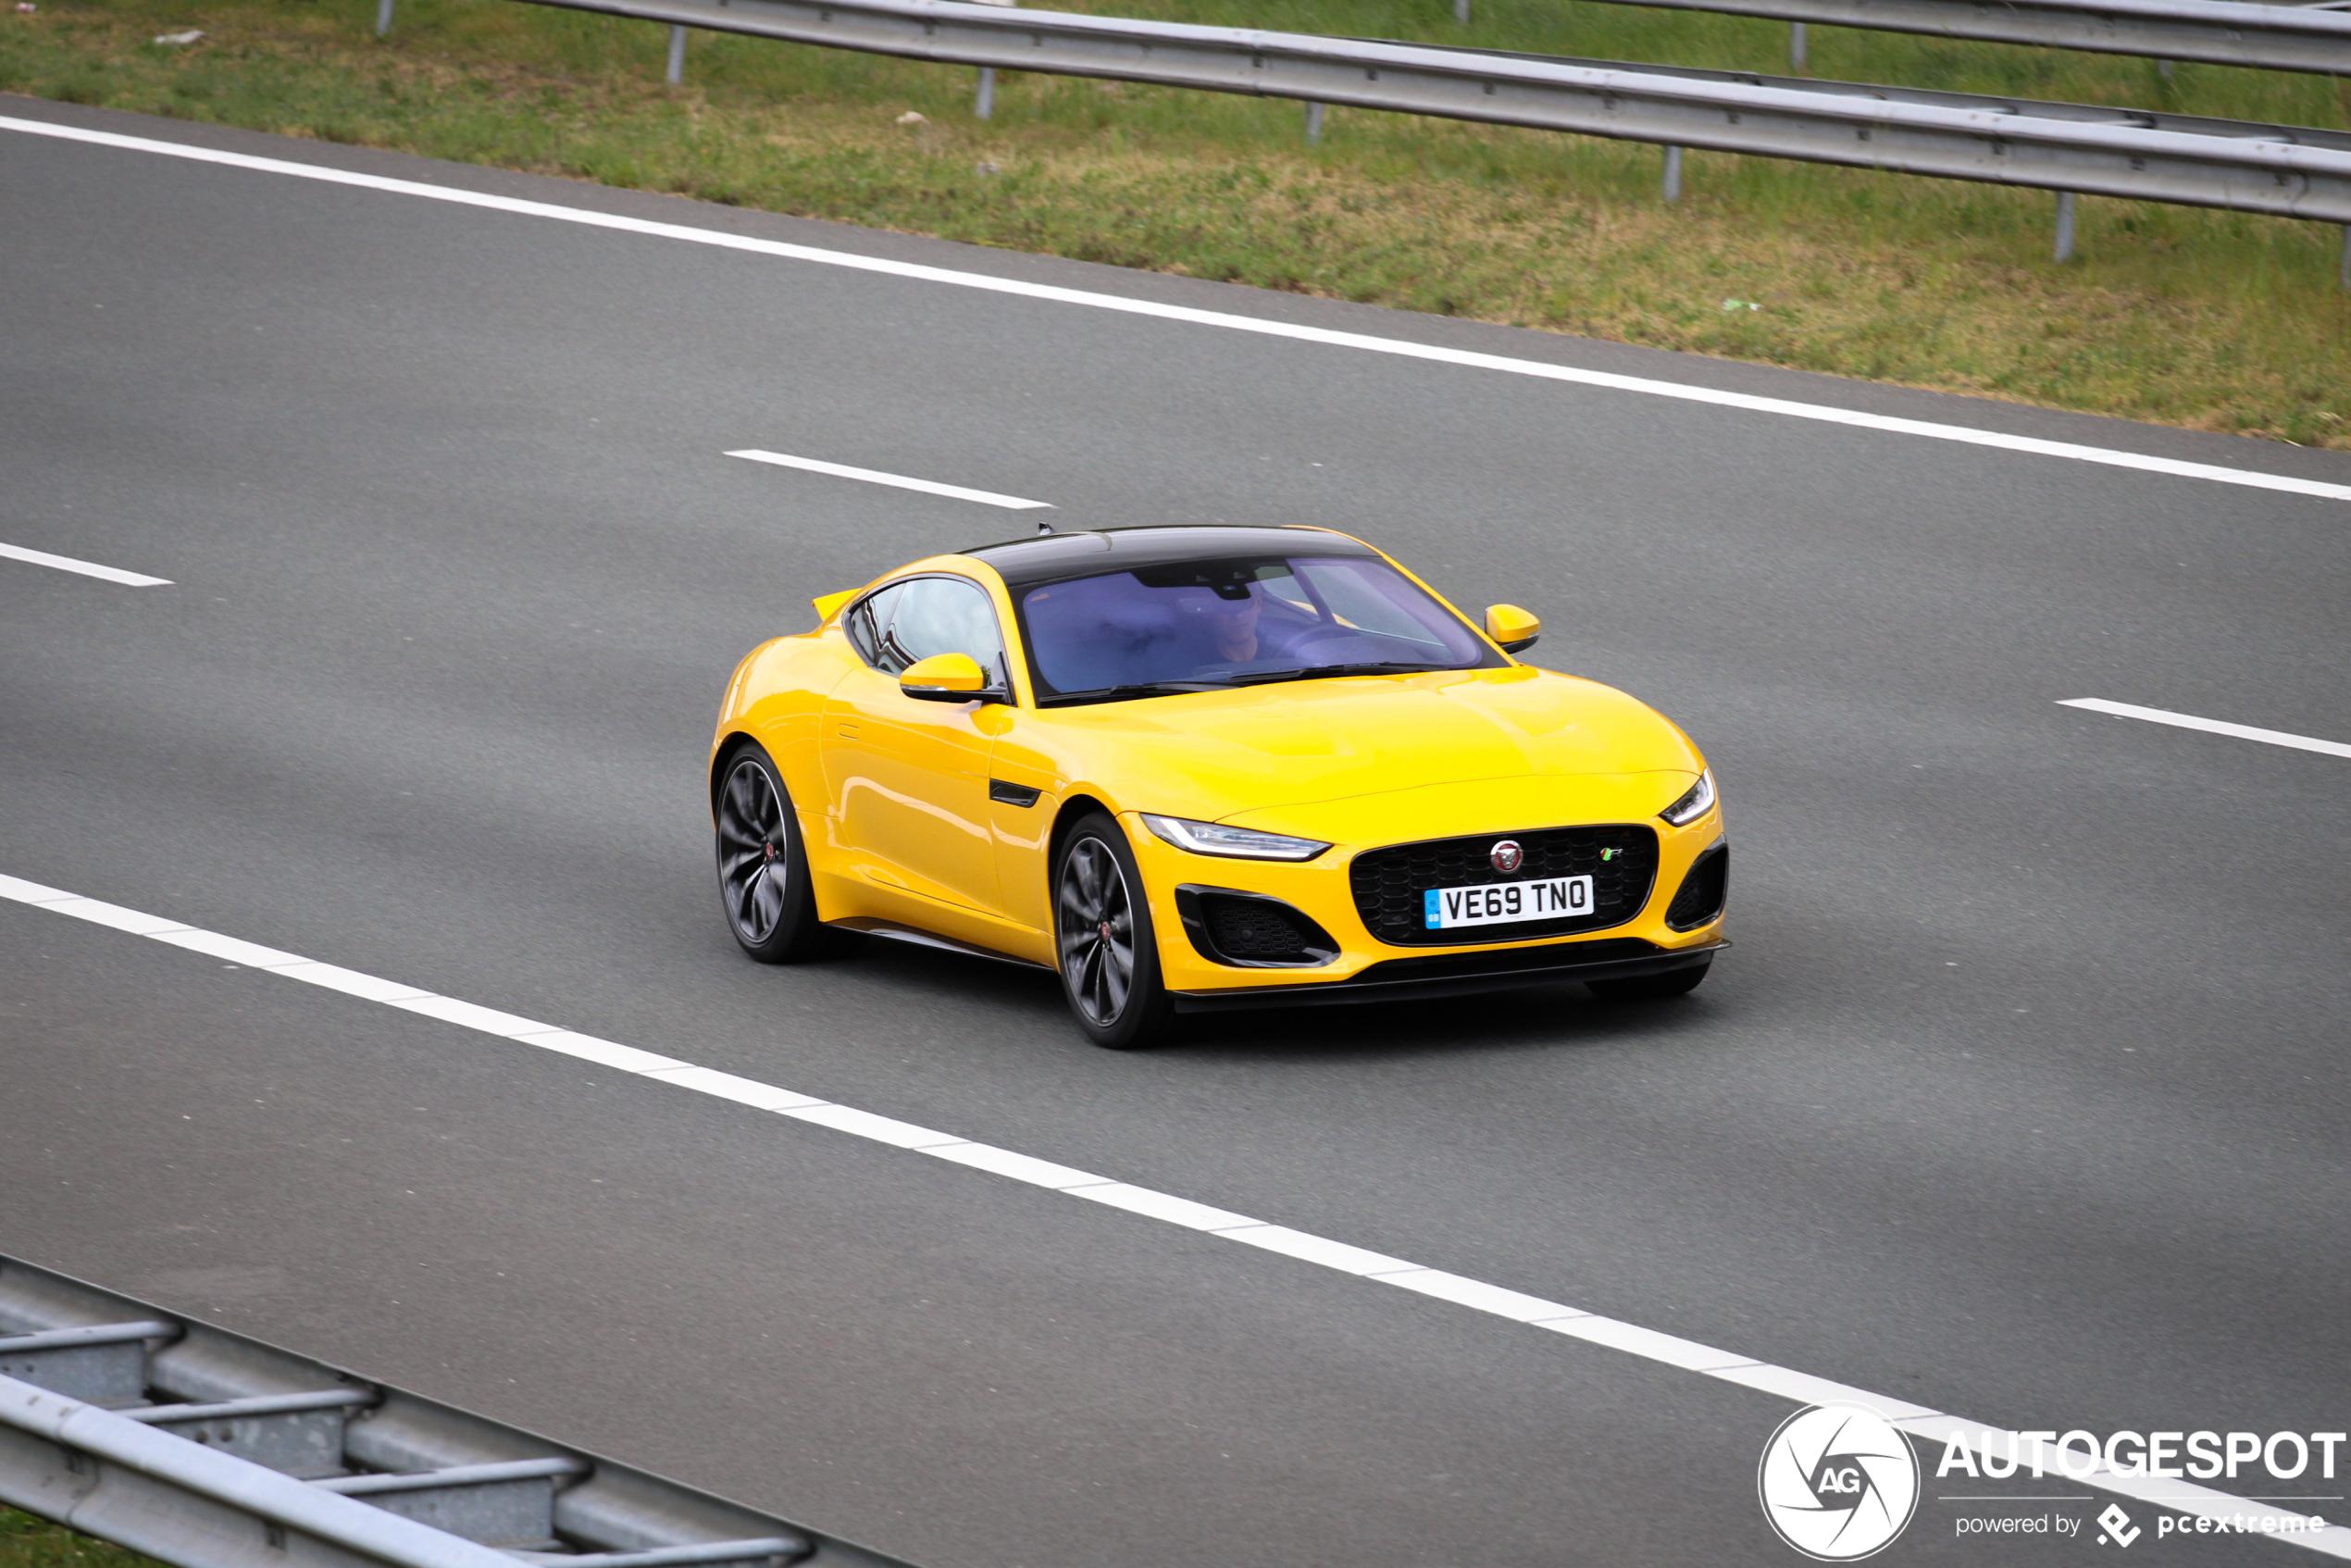 Jaguar F-TYPE R Coupé 2020 - 25 April 2020 - Autogespot